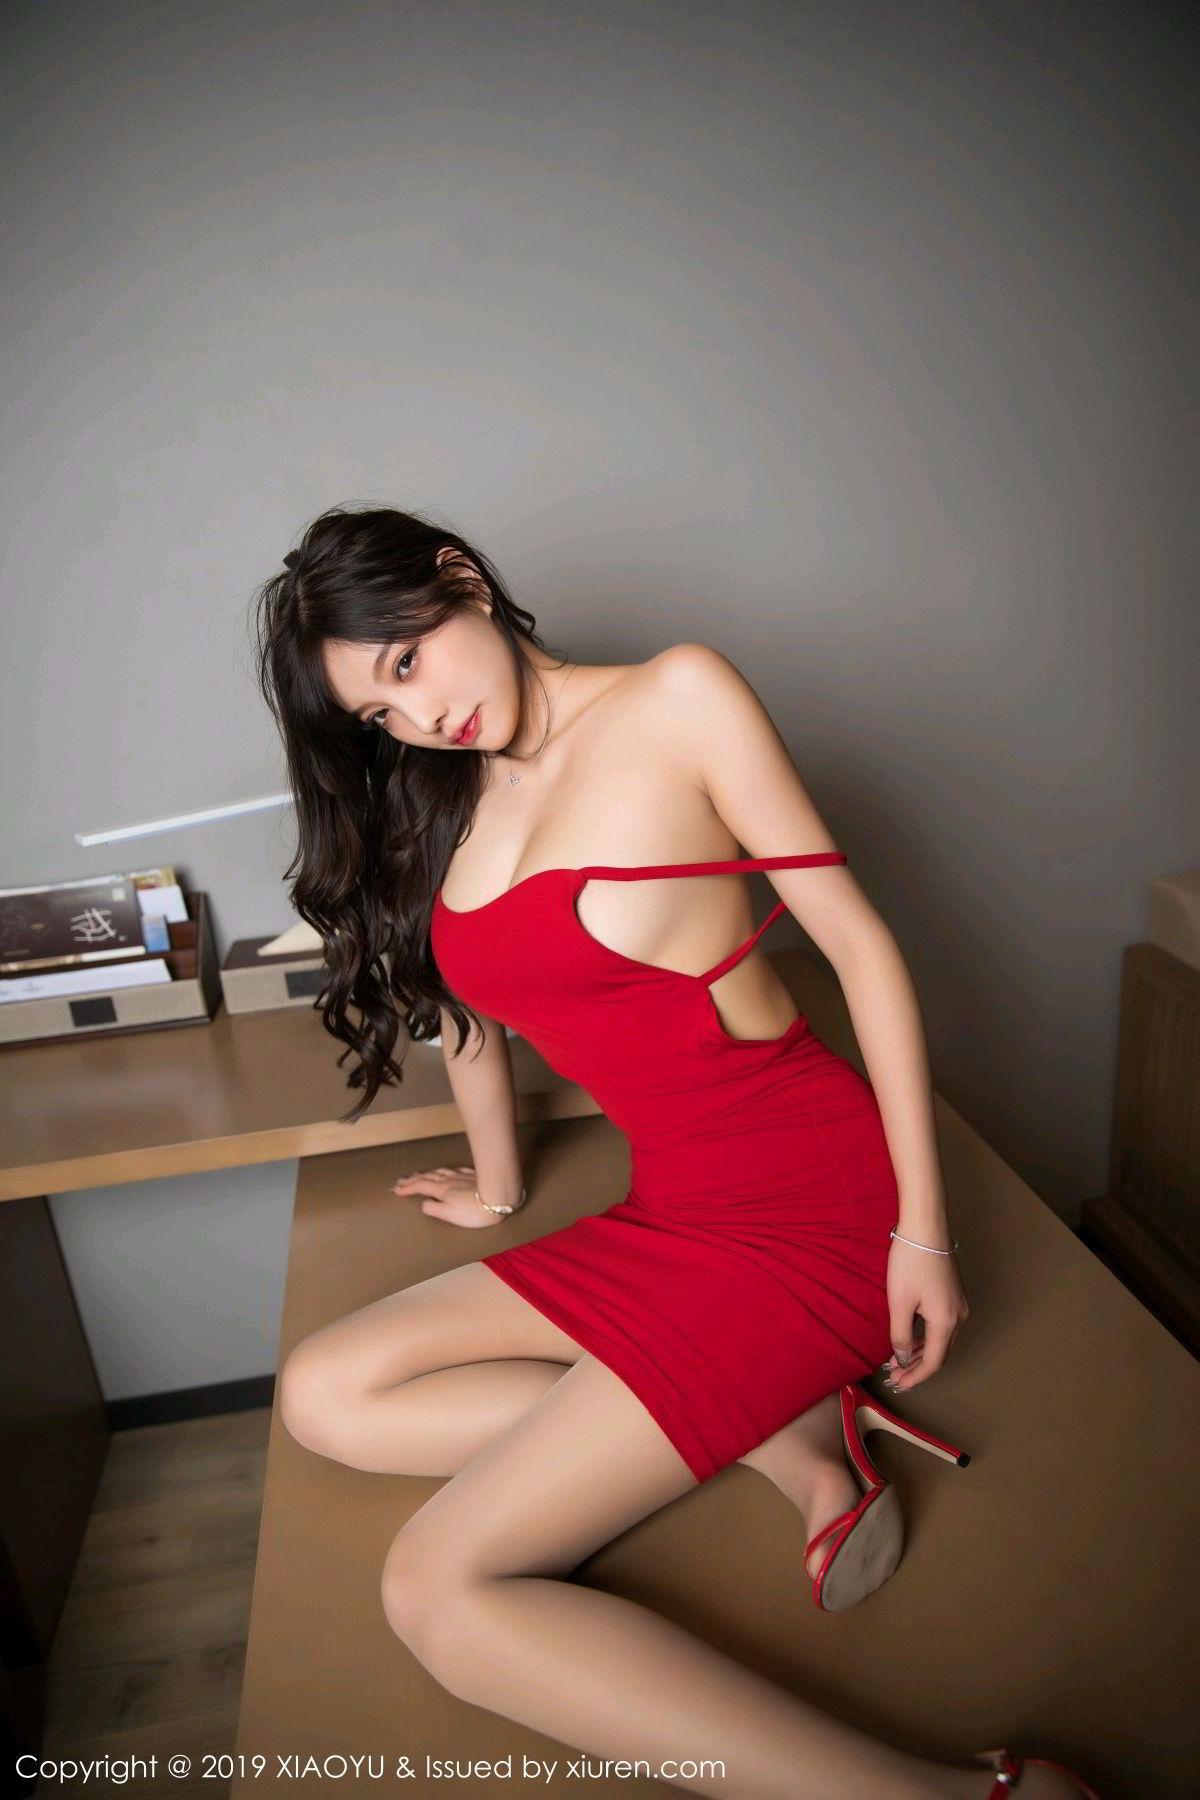 [XiaoYu] Vol.044 Yang Chen Chen 25P, Tall, XiaoYu, Yang Chen Chen